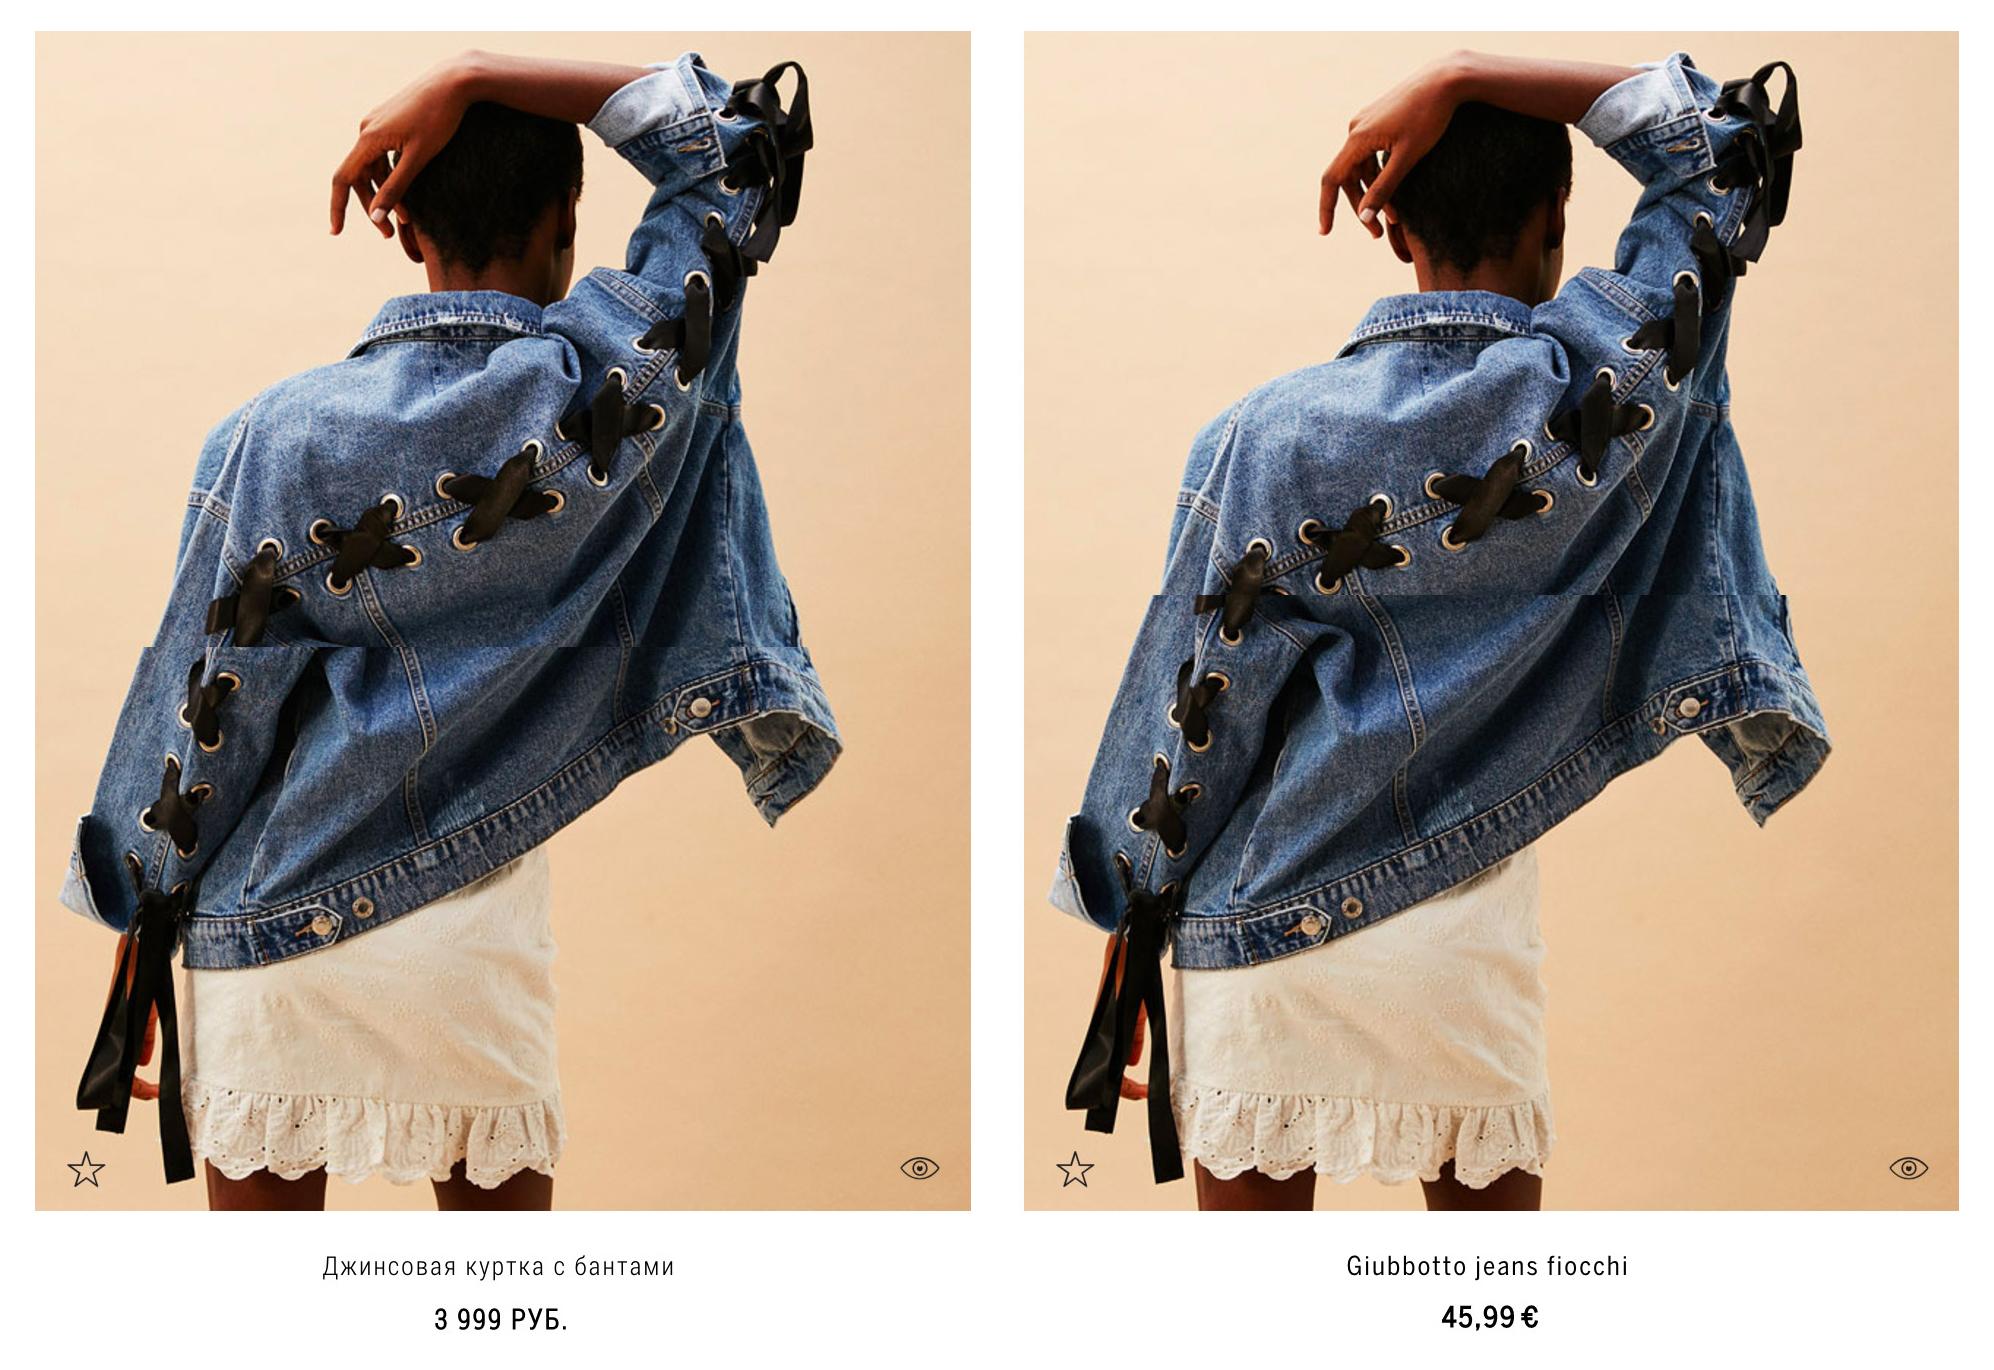 Одна и та же куртка на российском сайте «Бершки» стоит на 1100 р. дороже, чем на итальянском (45,99 € = 2800 р.)